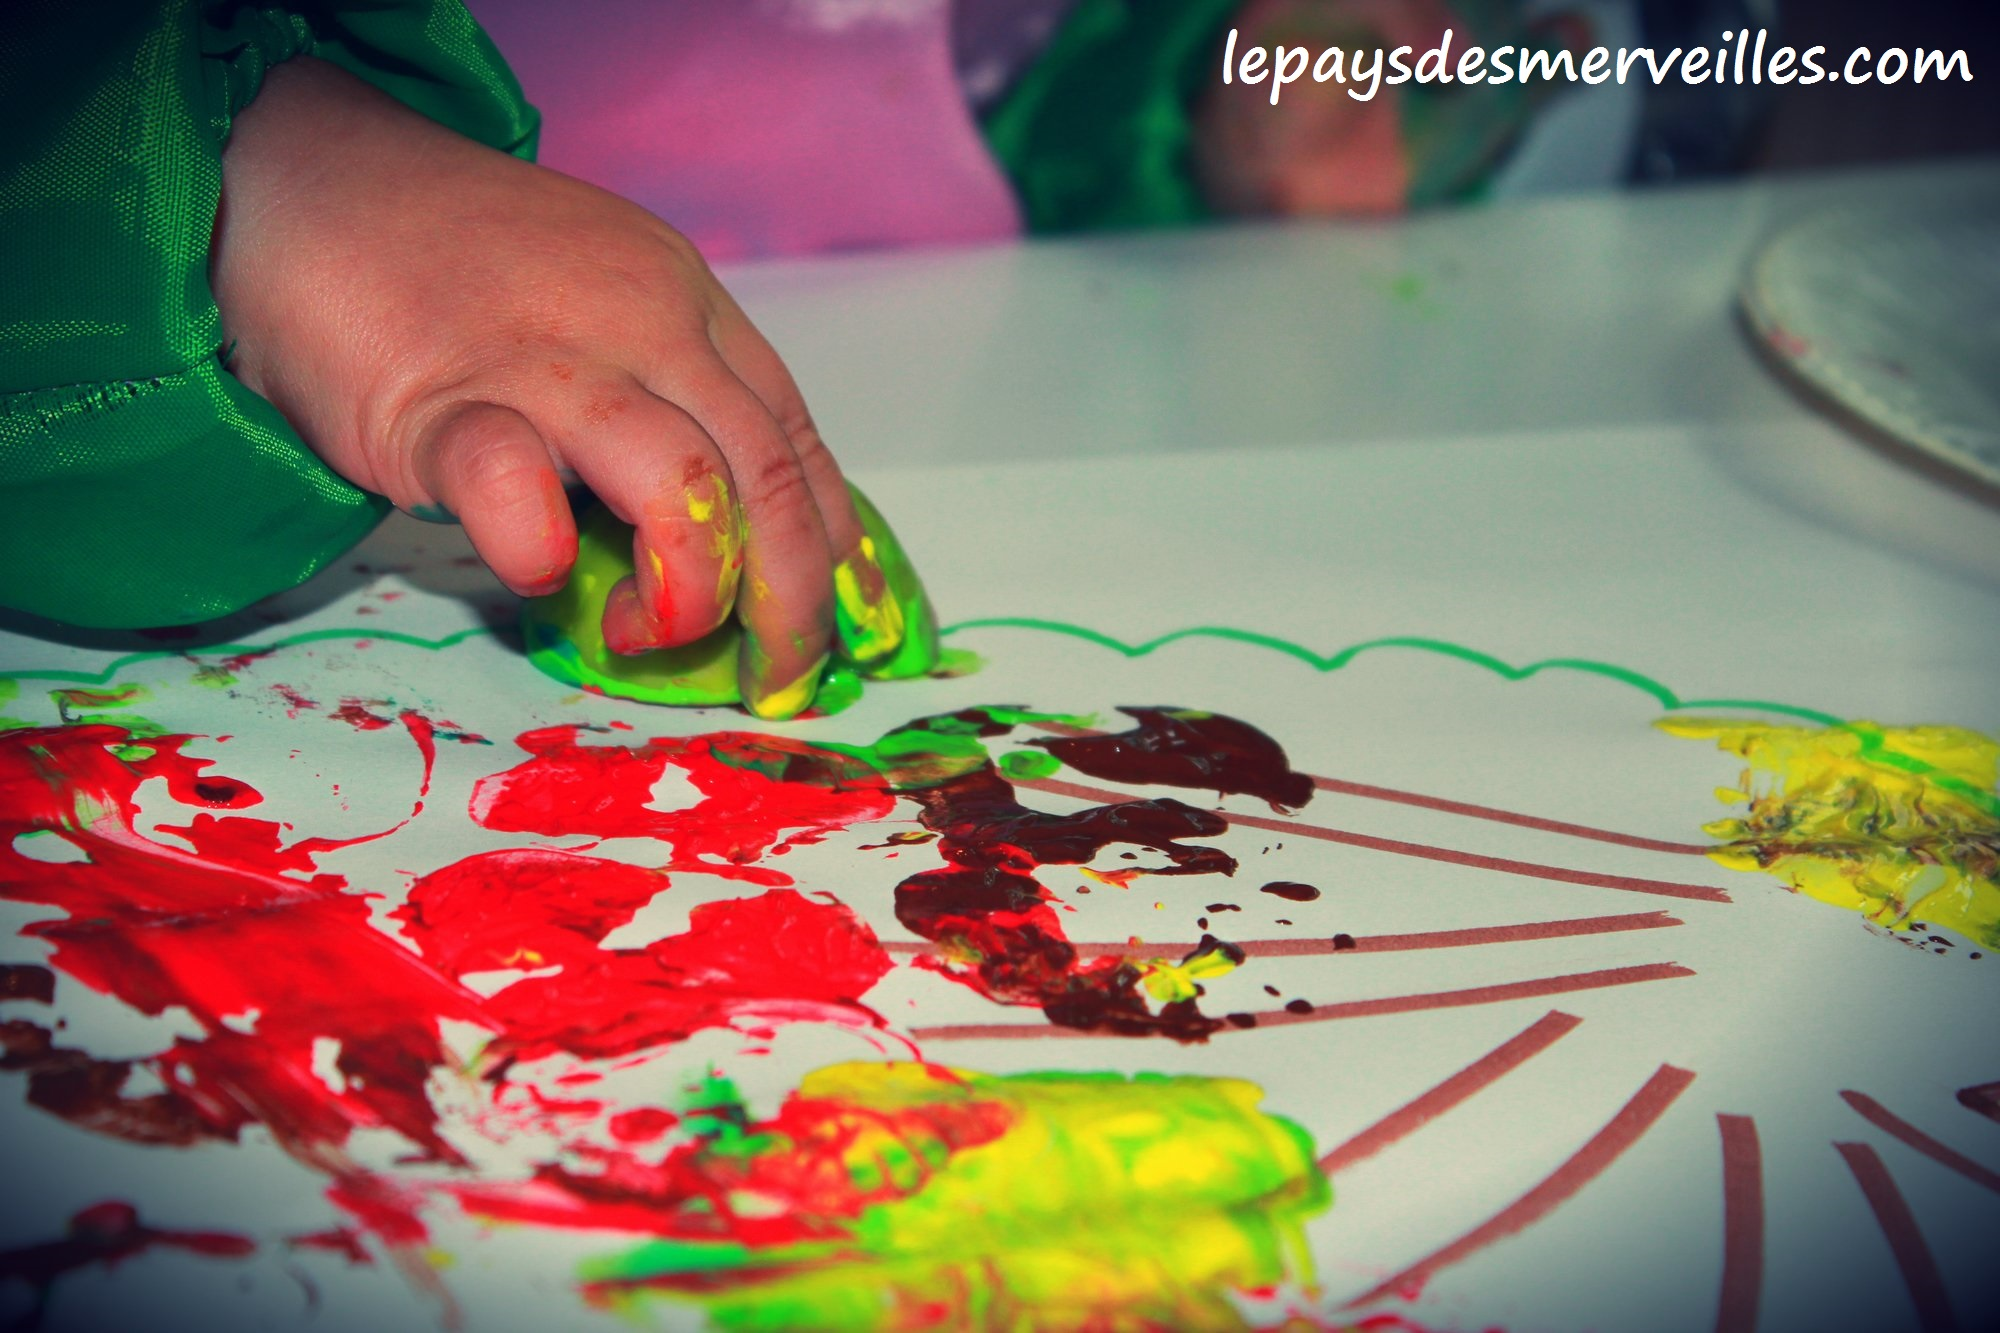 Peindre avec une pomme le pays des merveilles for Peindre avec un pistolet a peinture